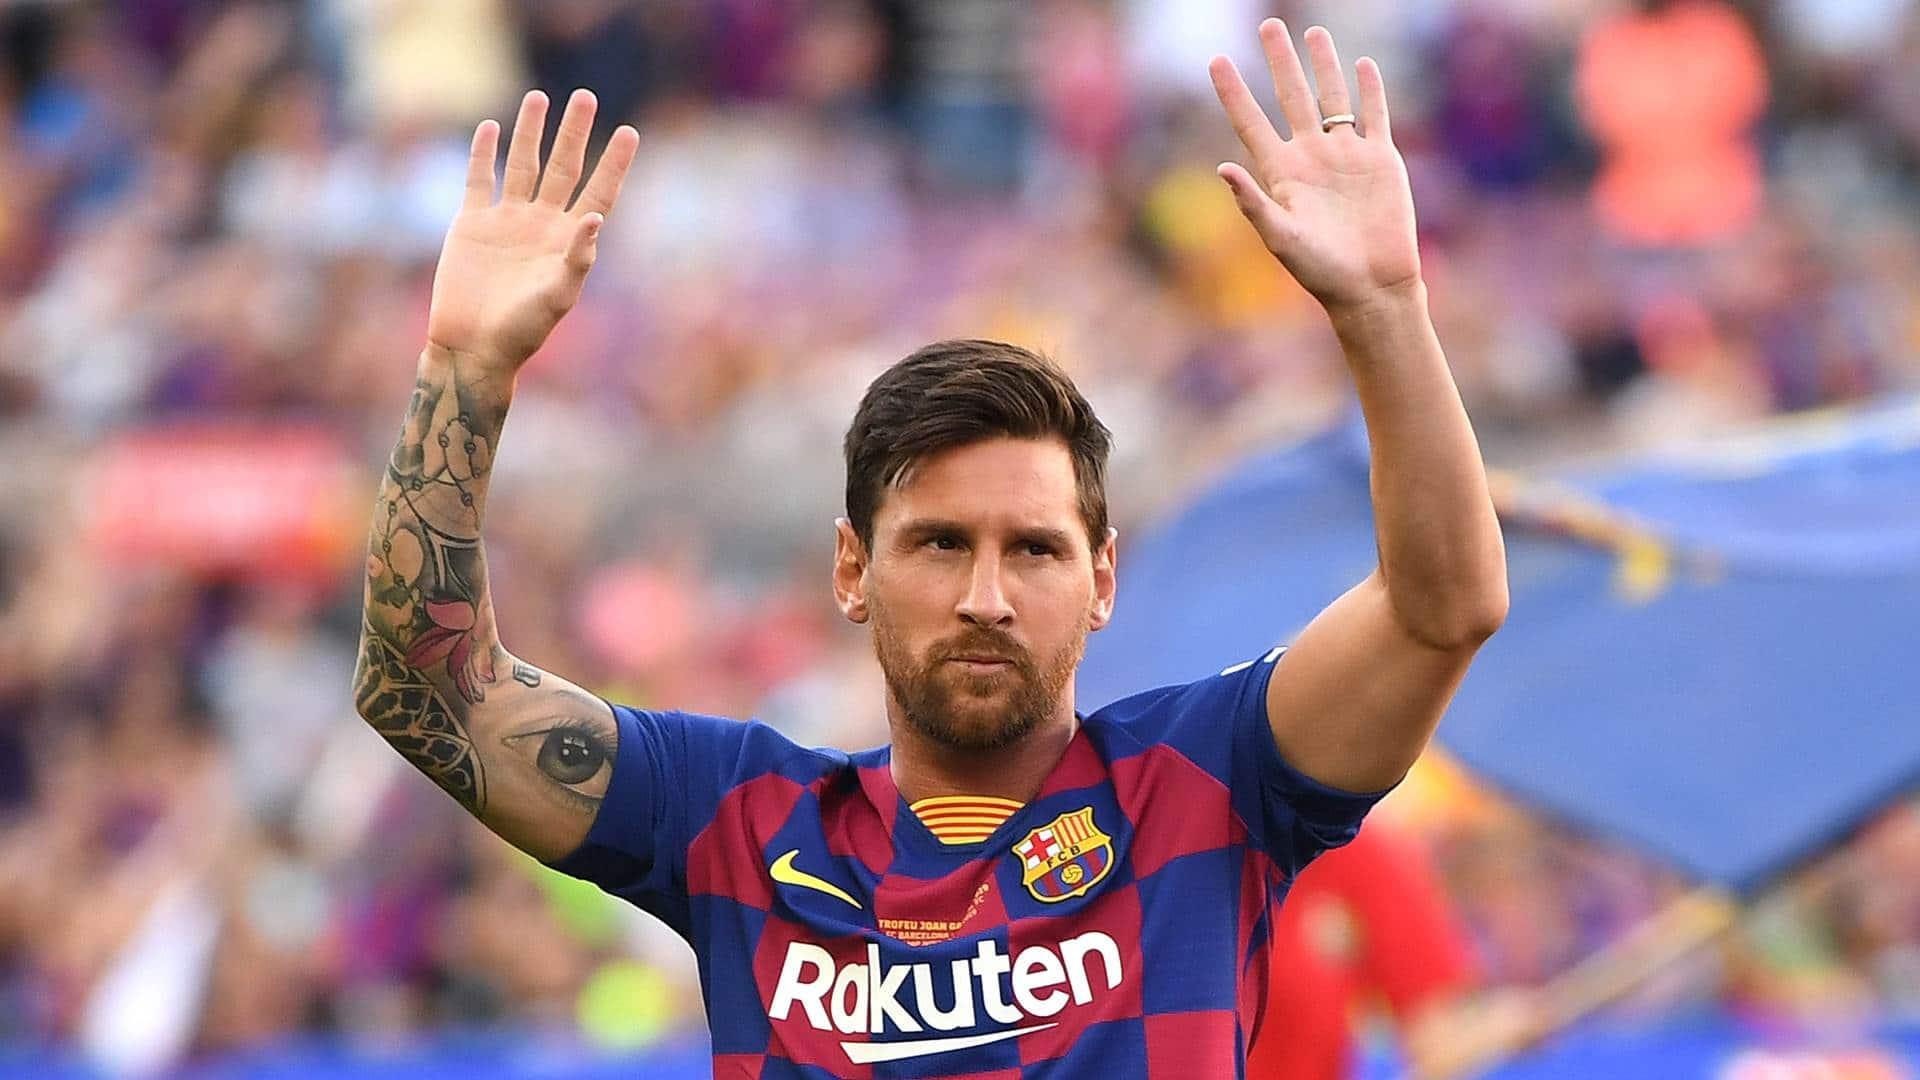 ليونيل ميسي وقراره النهائي بشأن مستقبله مع فريق برشلونة